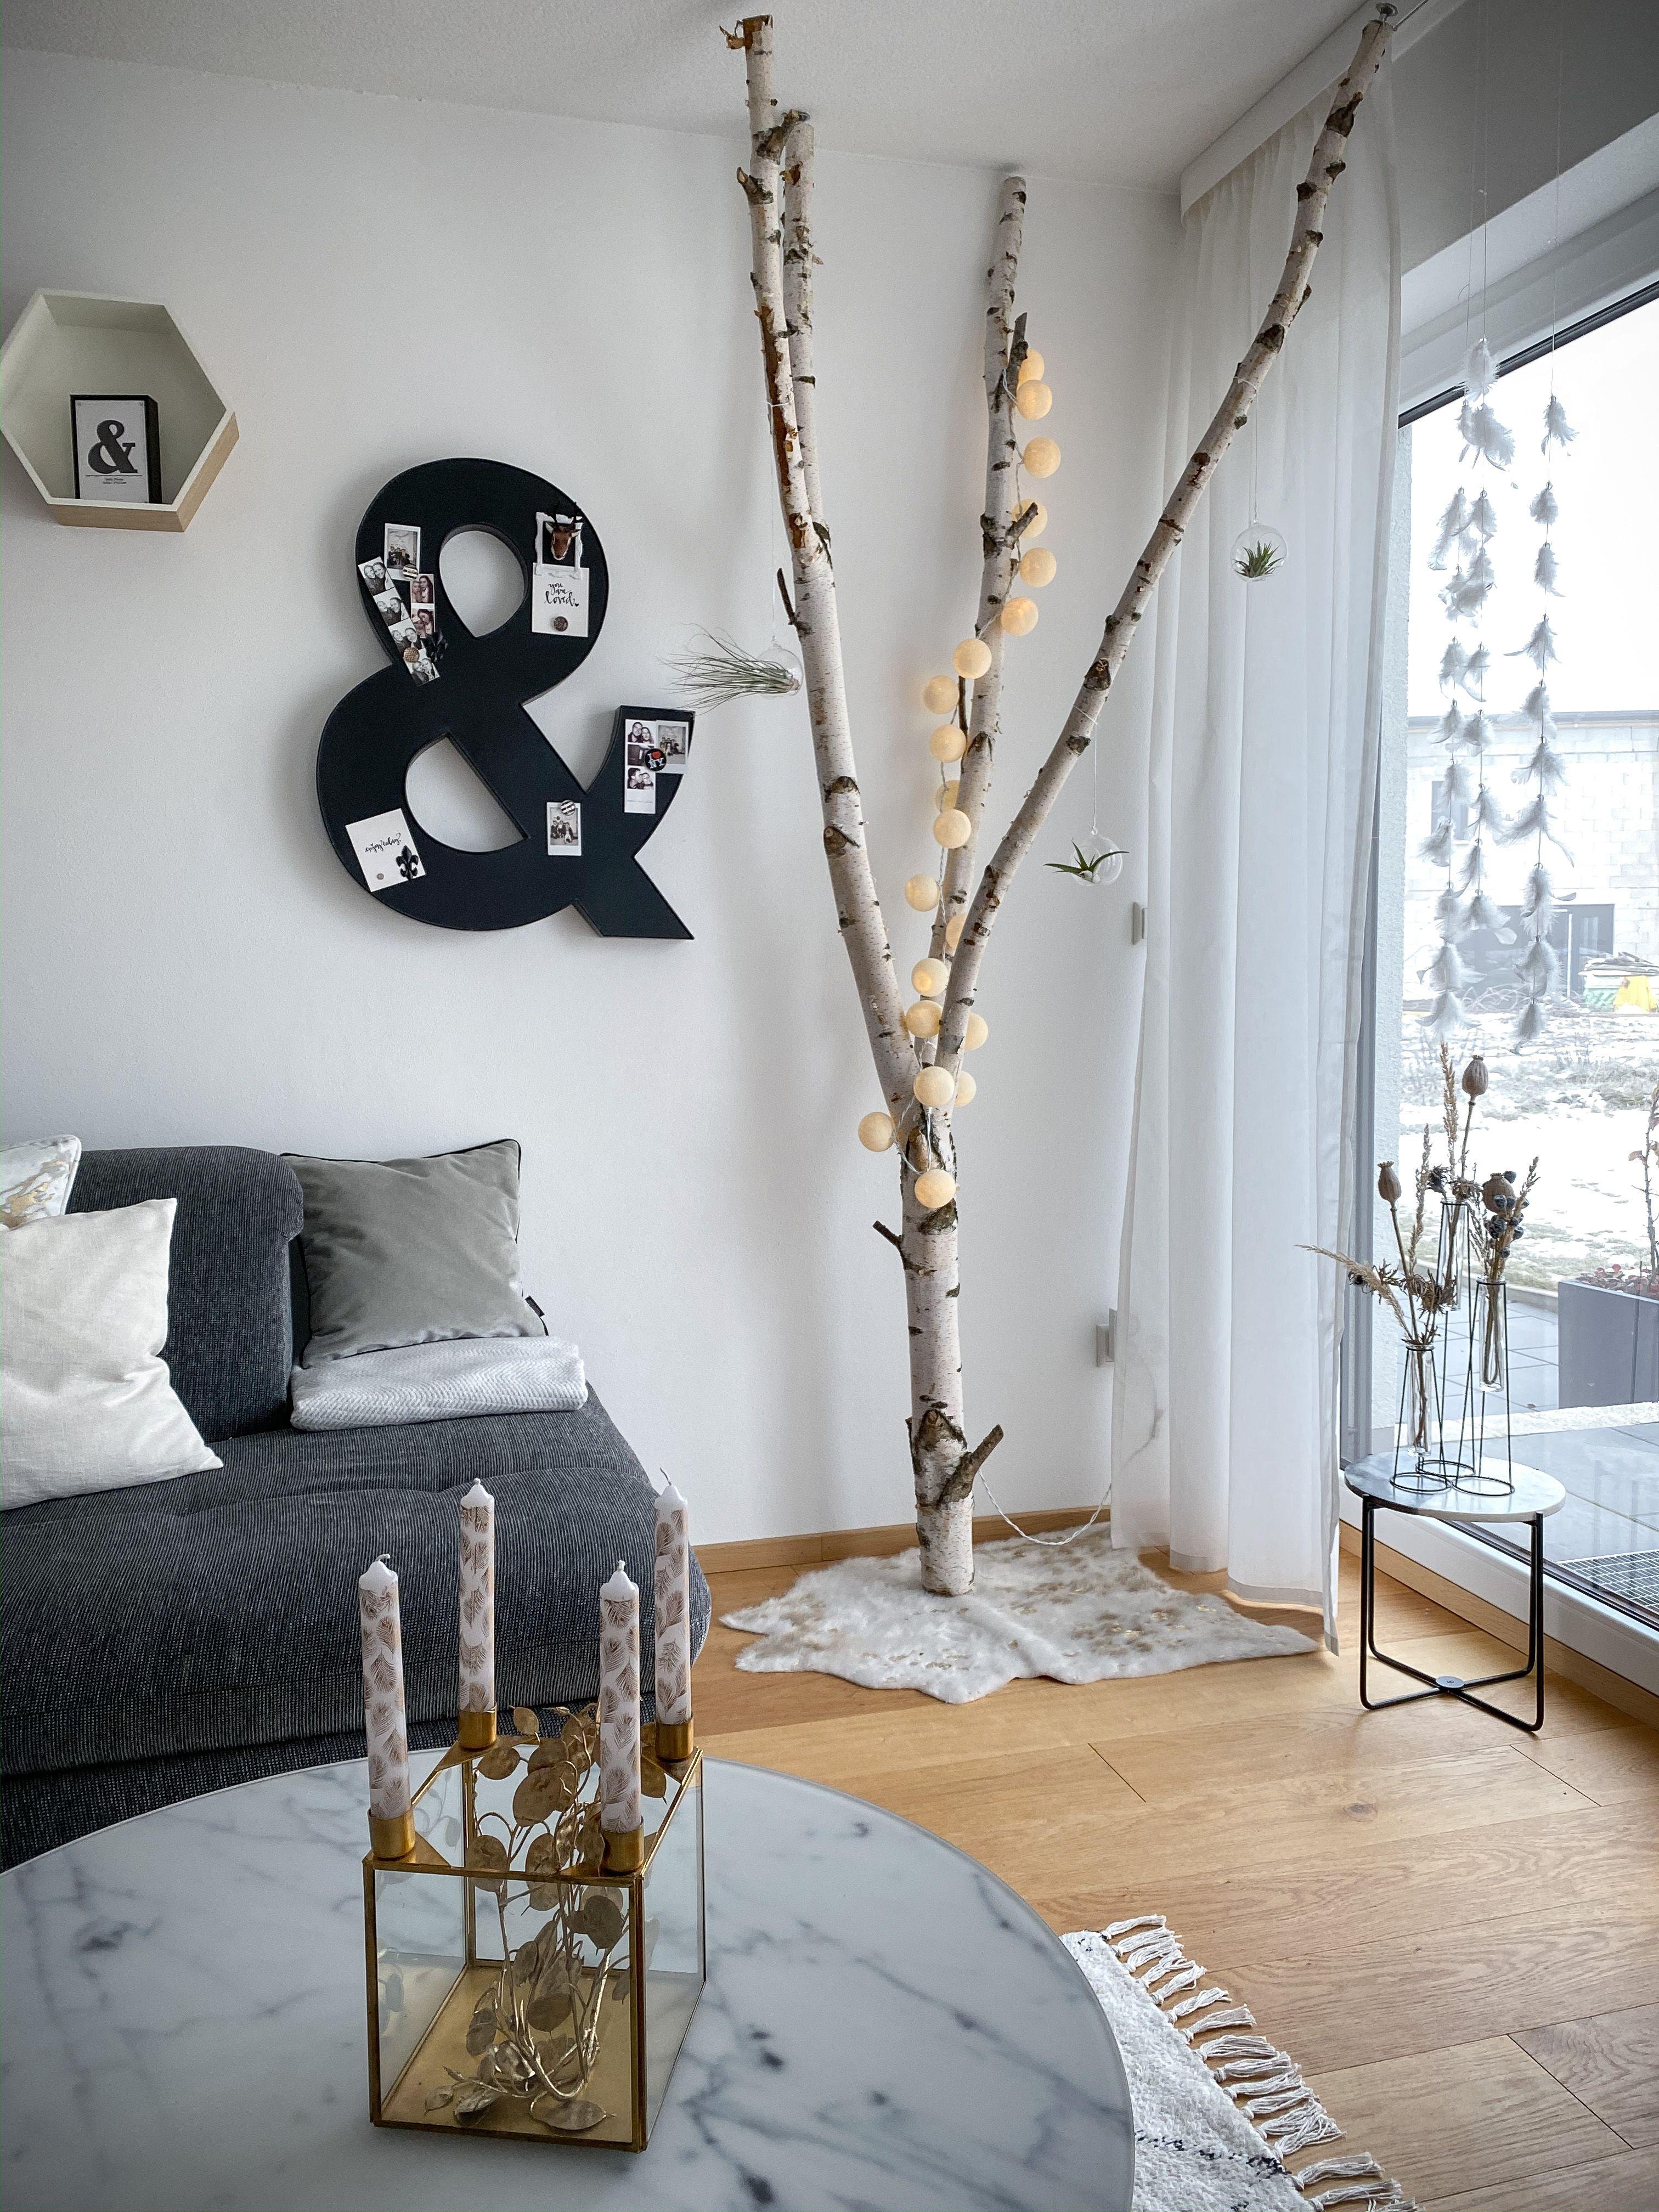 Pin von Kerstin Klein auf deko   Zuhause dekoration, Diy deko möbel, Deko